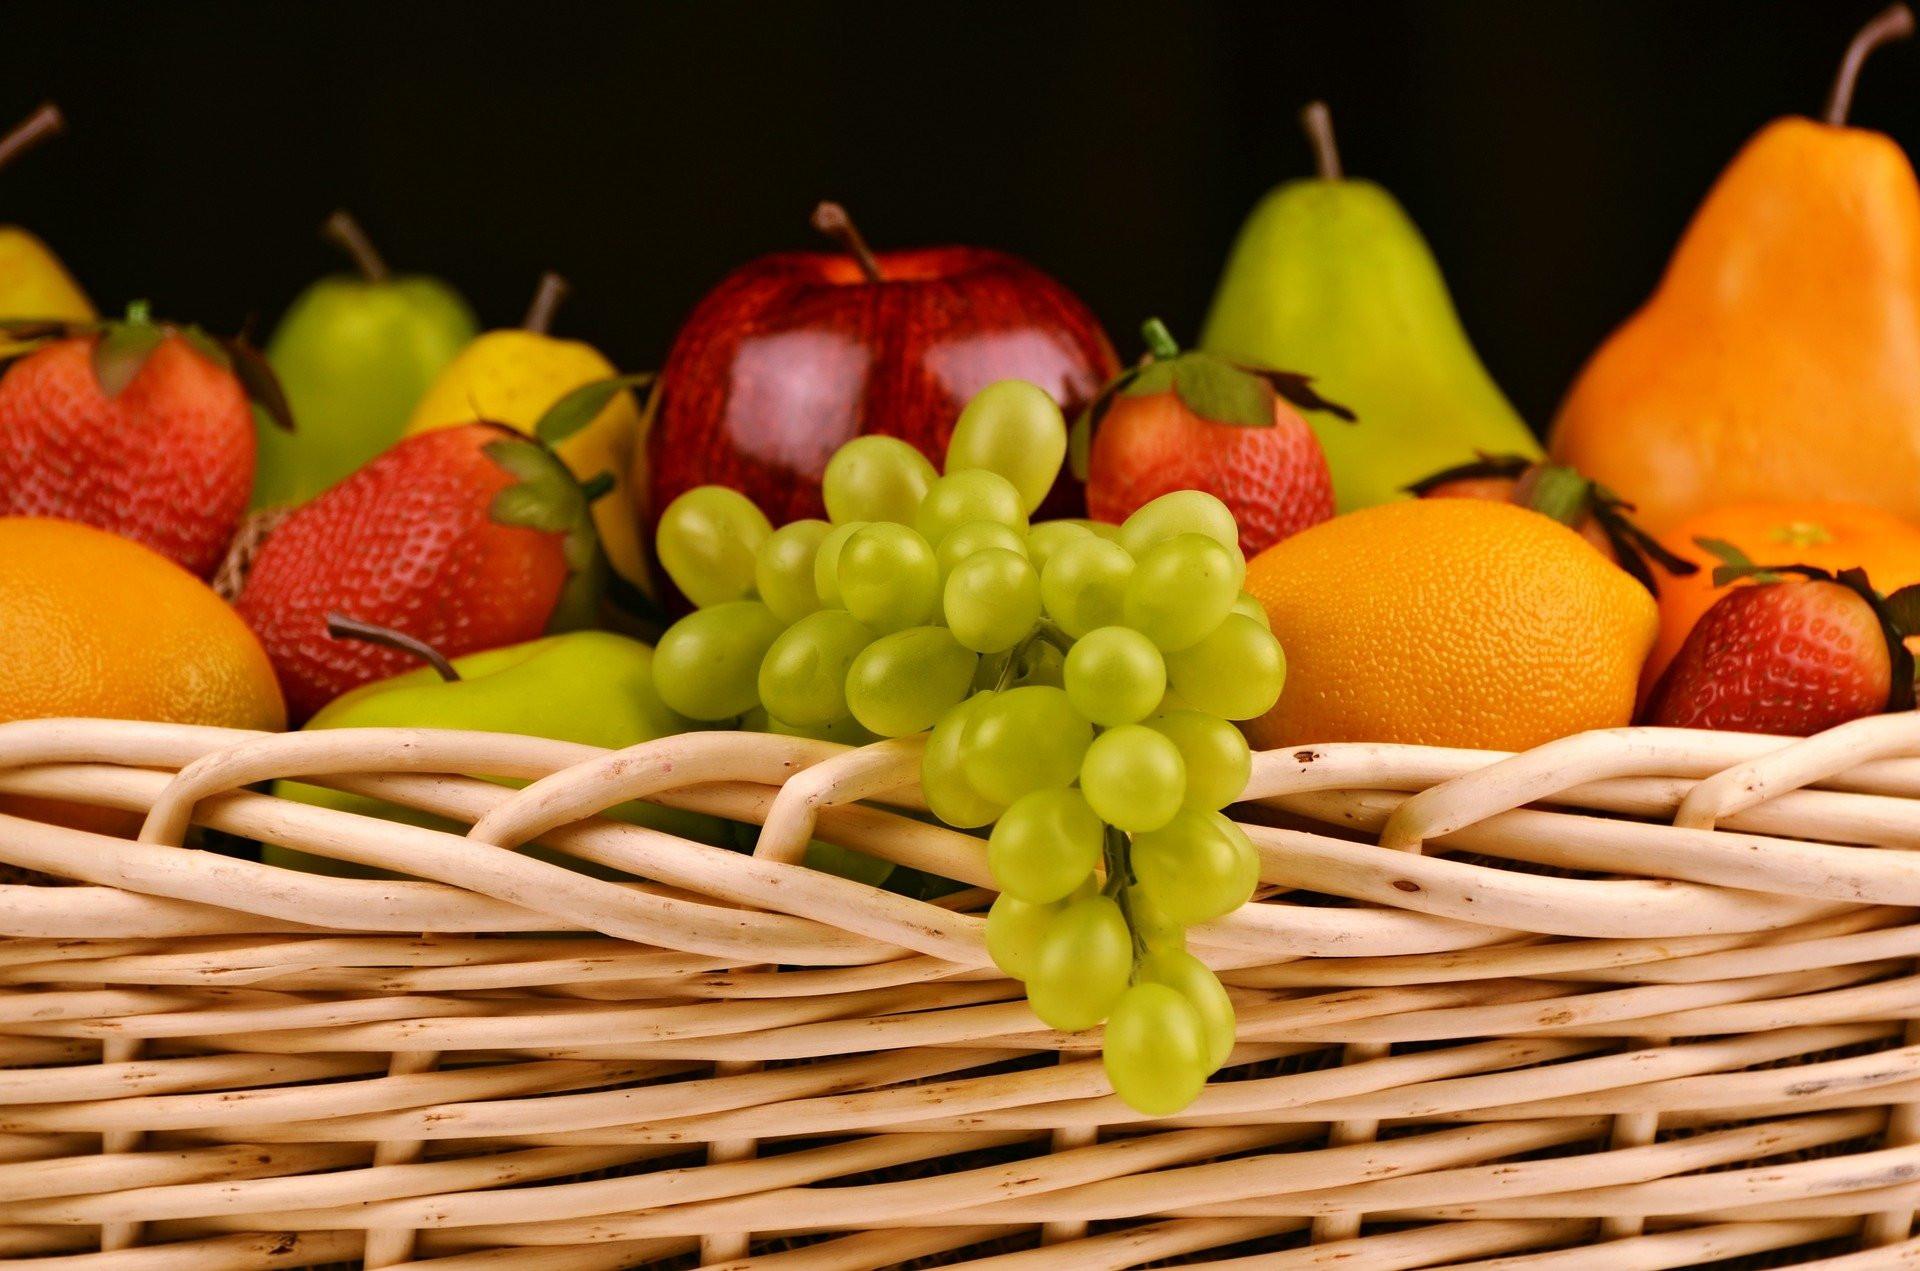 6 Buah Rendah Kalori yang Baik untuk Bantu Turunkan Berat Badan - JPNN.com